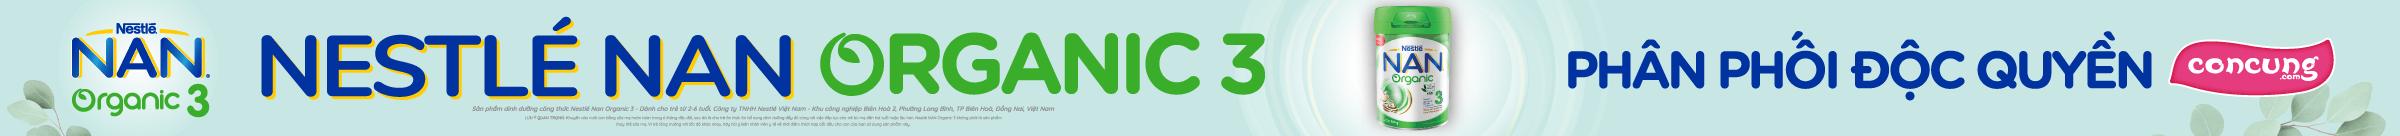 NAN ORGANIC 3 ĐỘC QUYỀN TẠI CON CƯNG